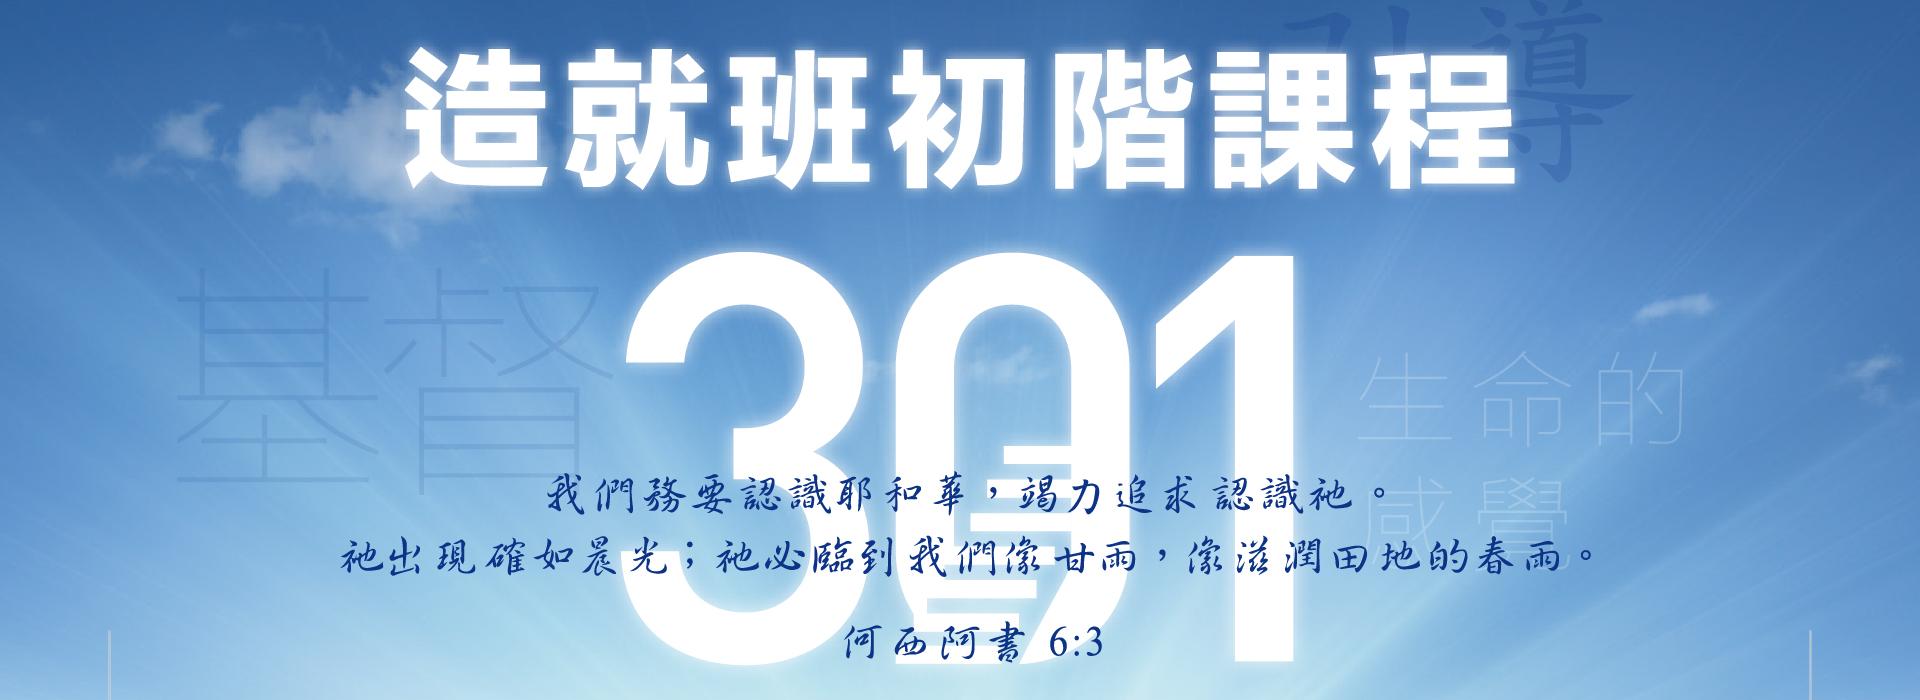 2021_301BibleClass-01